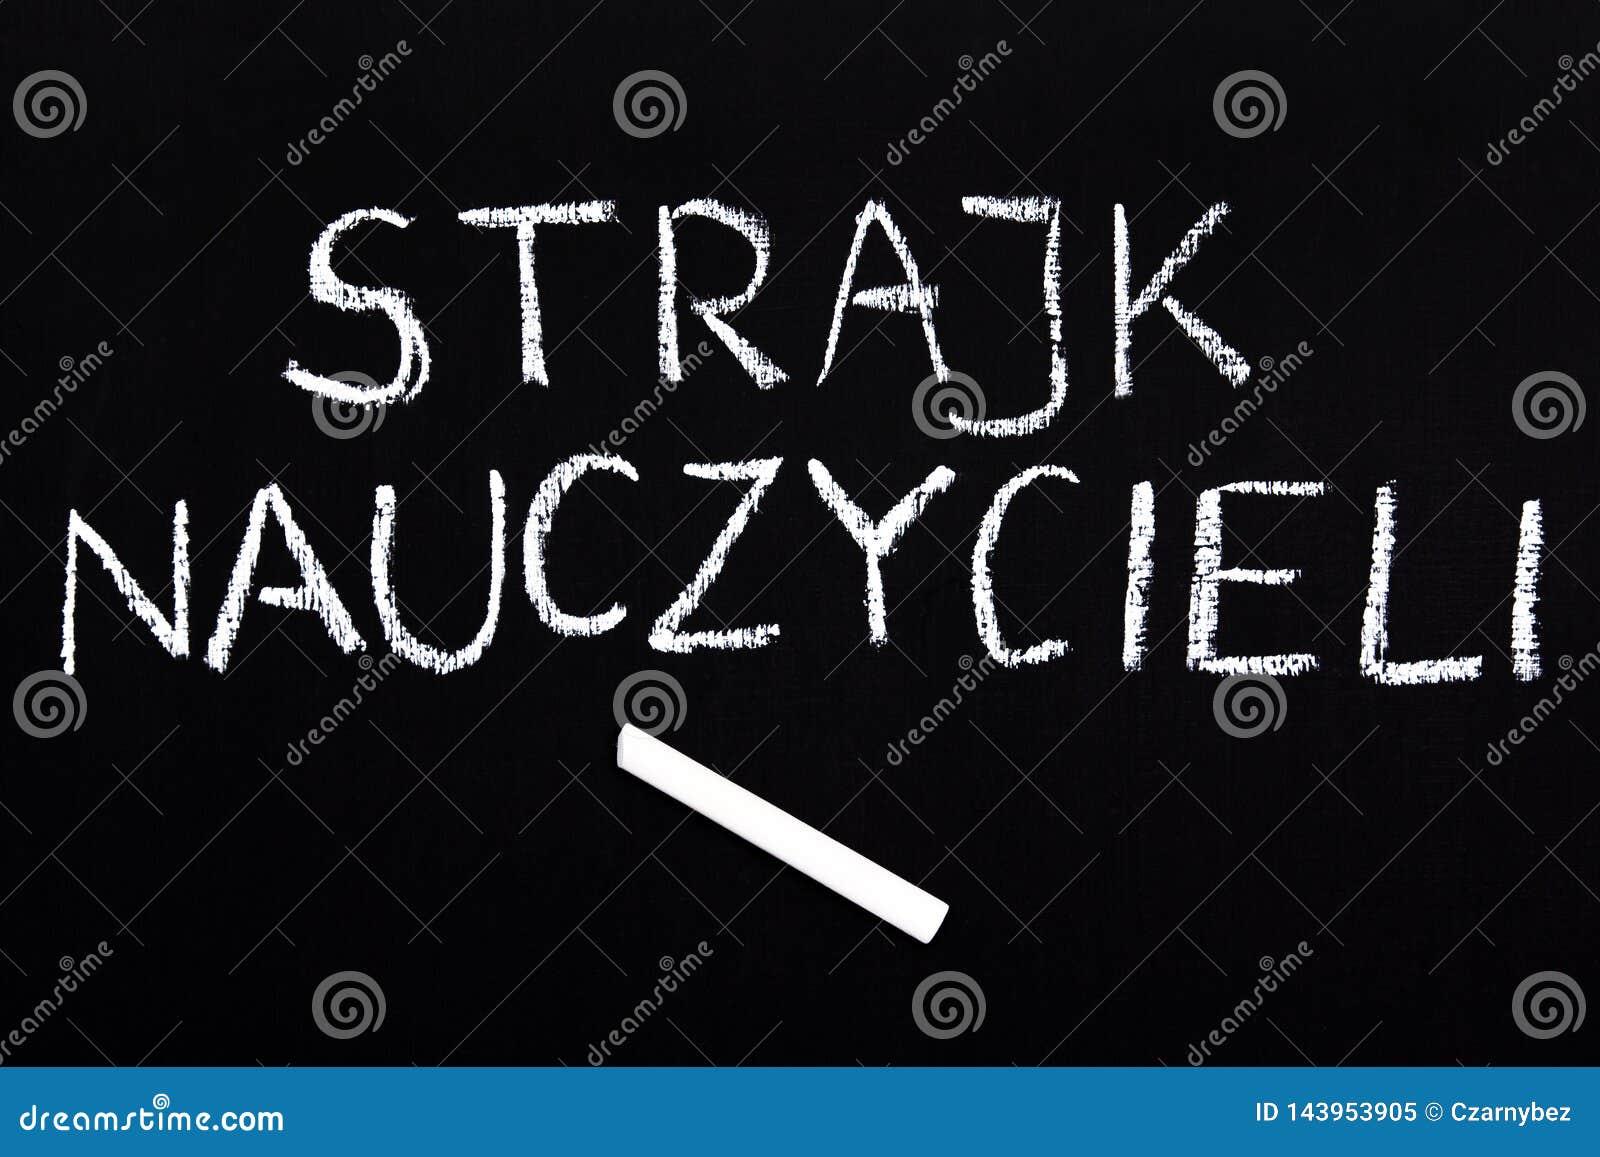 Det polska ordet LÄRARE SLÅR på en svart tavla